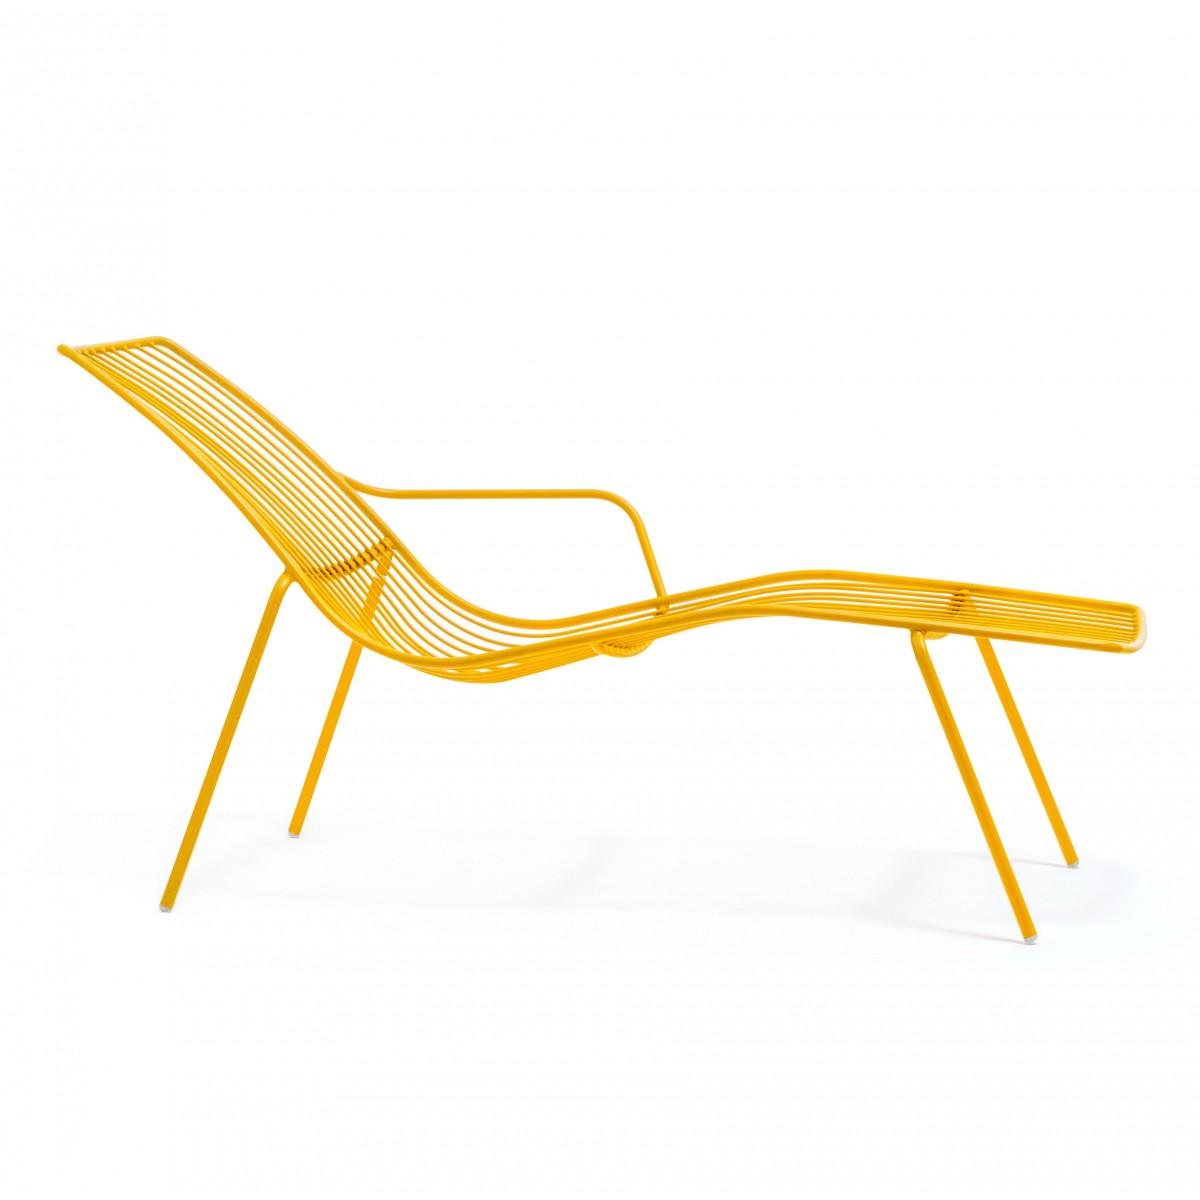 gartenliege gelb metall lounge liege gelb sonnenliege gelb metall liege gelb. Black Bedroom Furniture Sets. Home Design Ideas